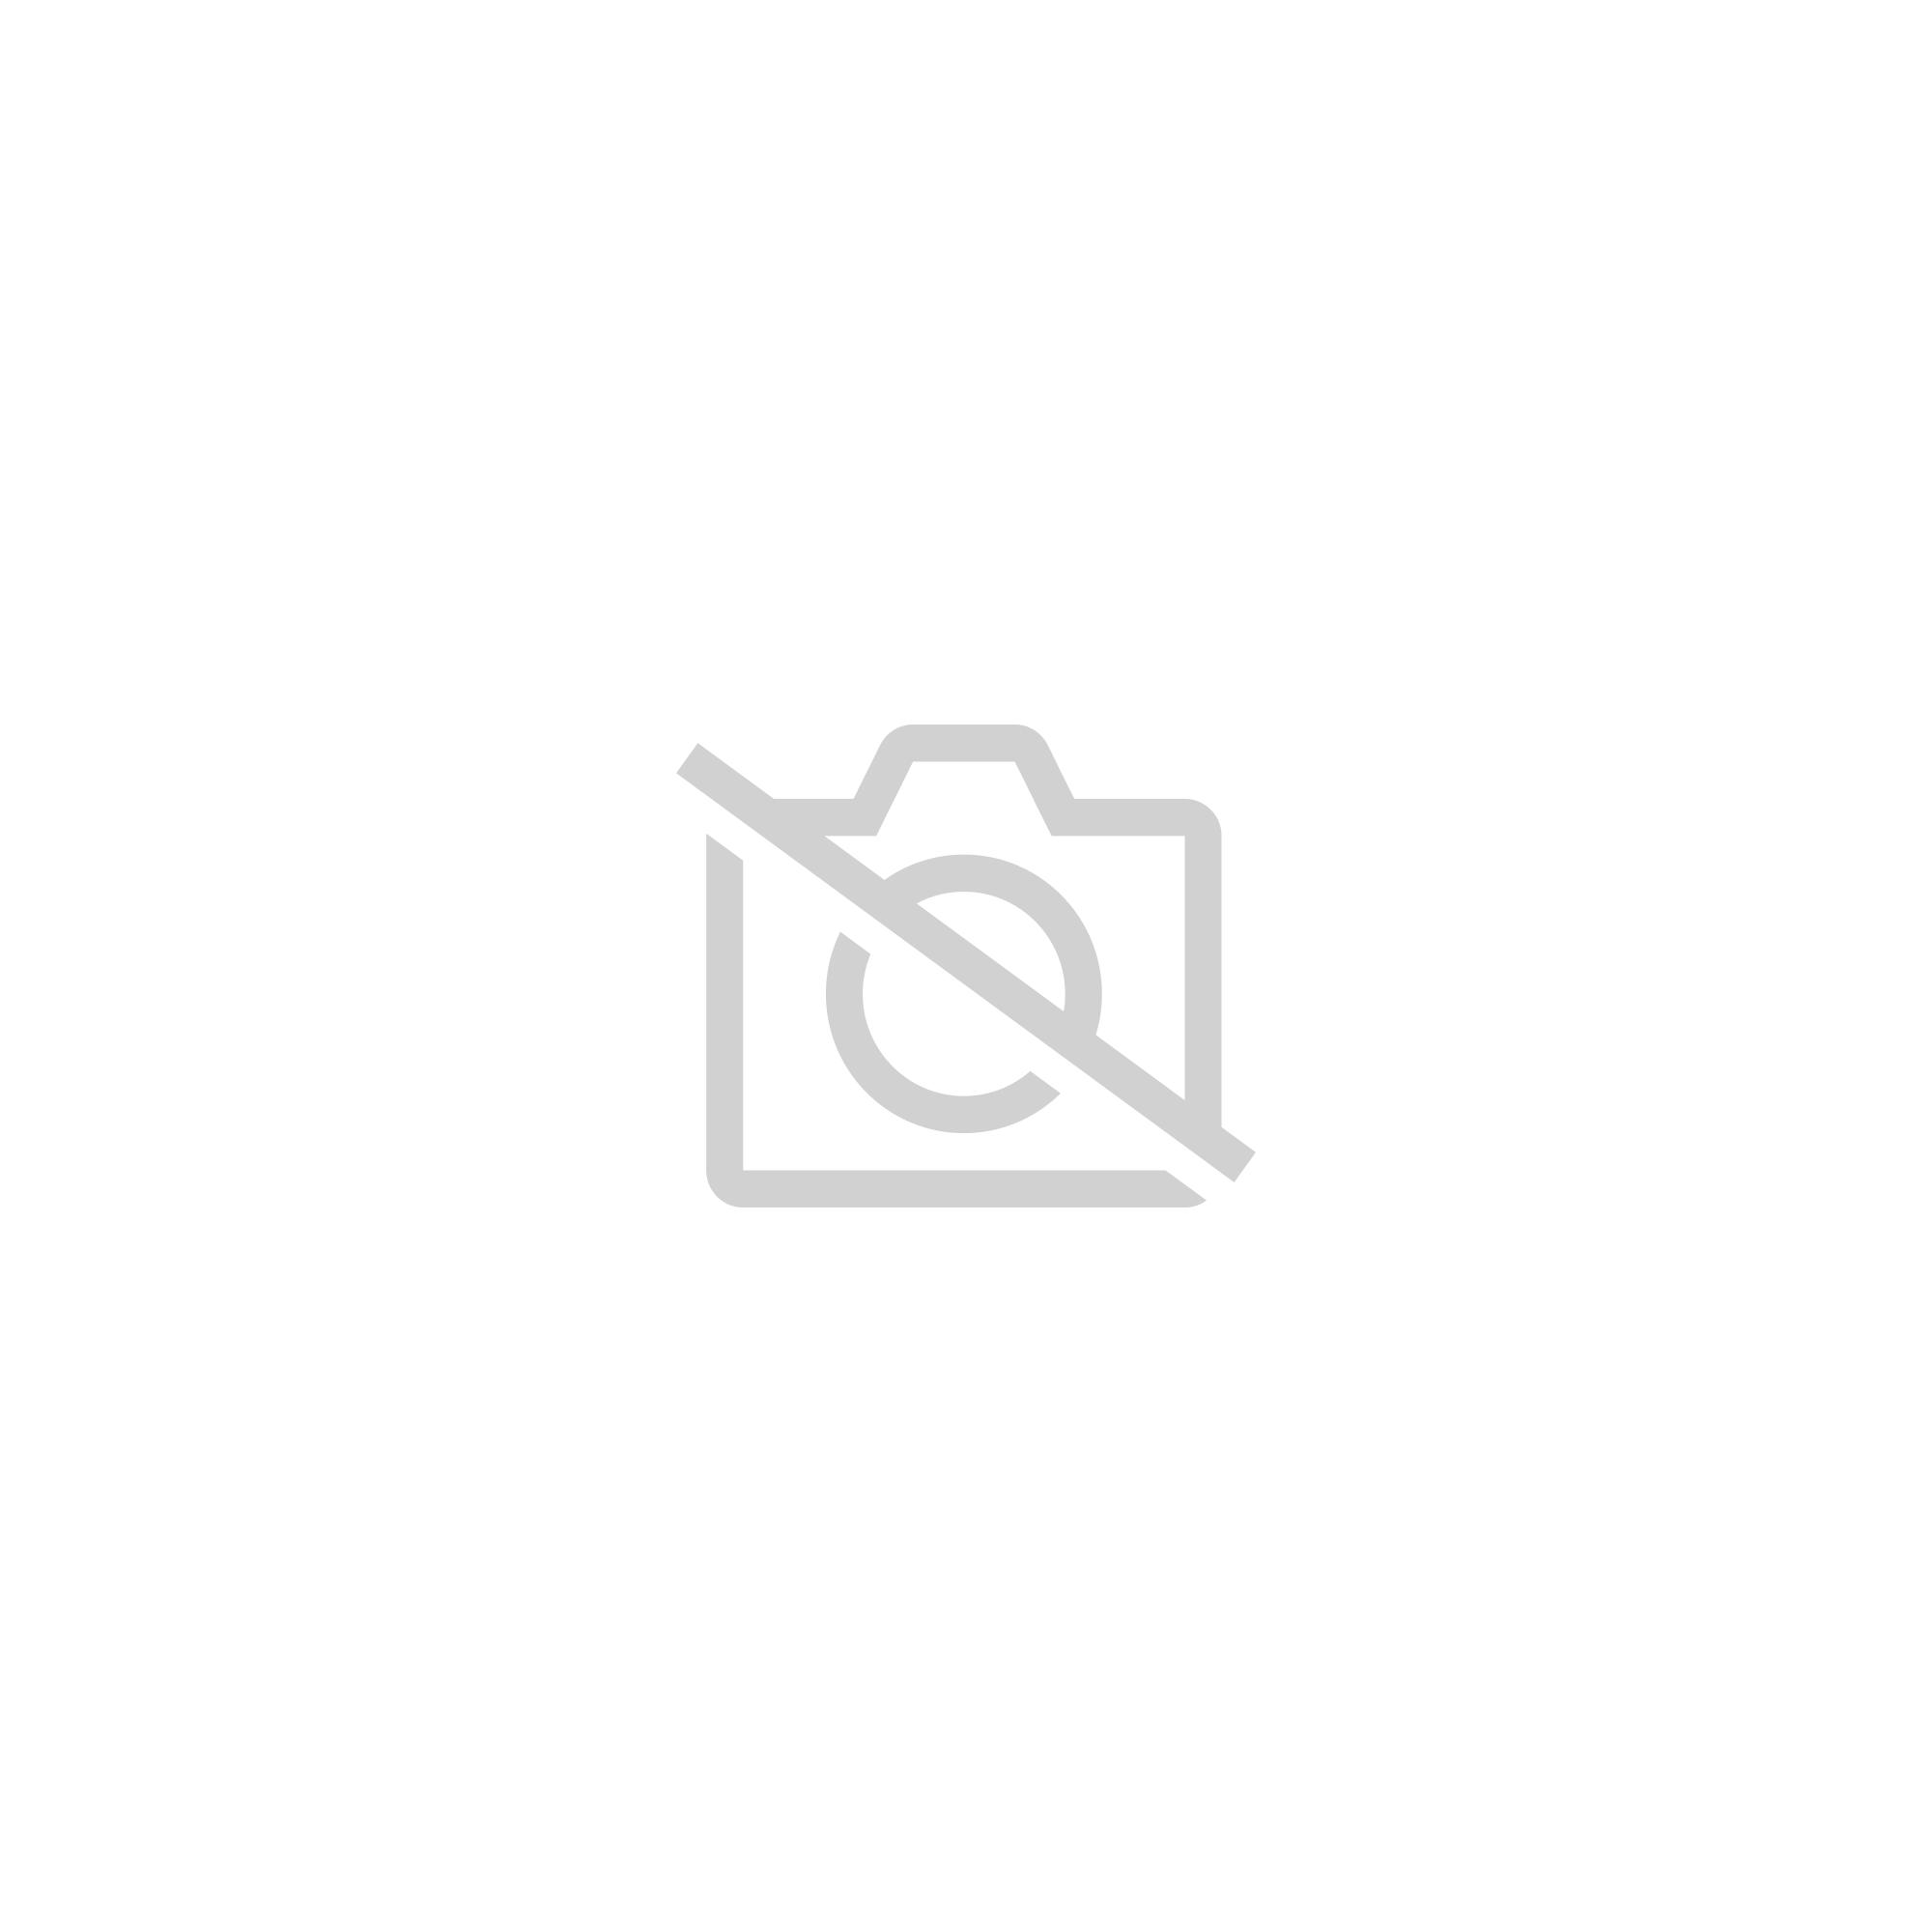 Enjoliveur Roue Jante Renault 13 Pouces 13